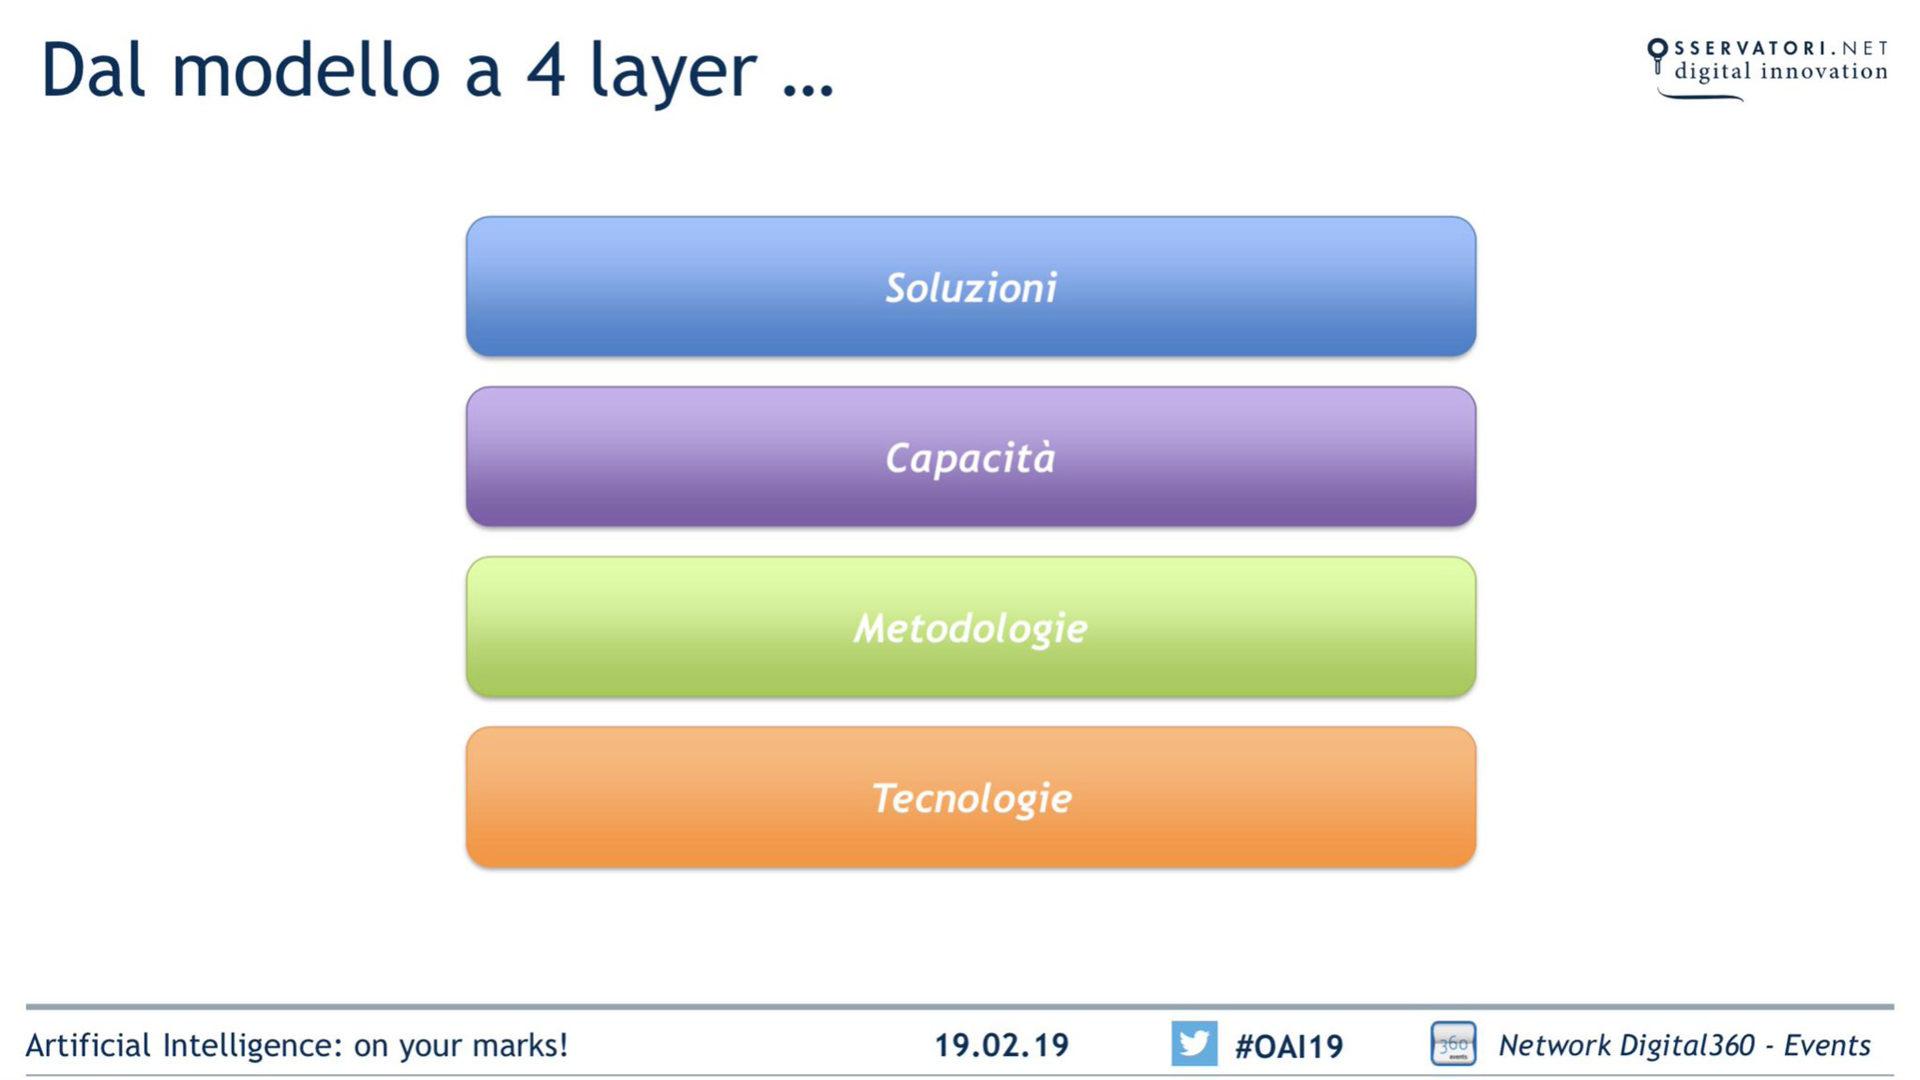 Modello a 4 livelli per un progetto AI